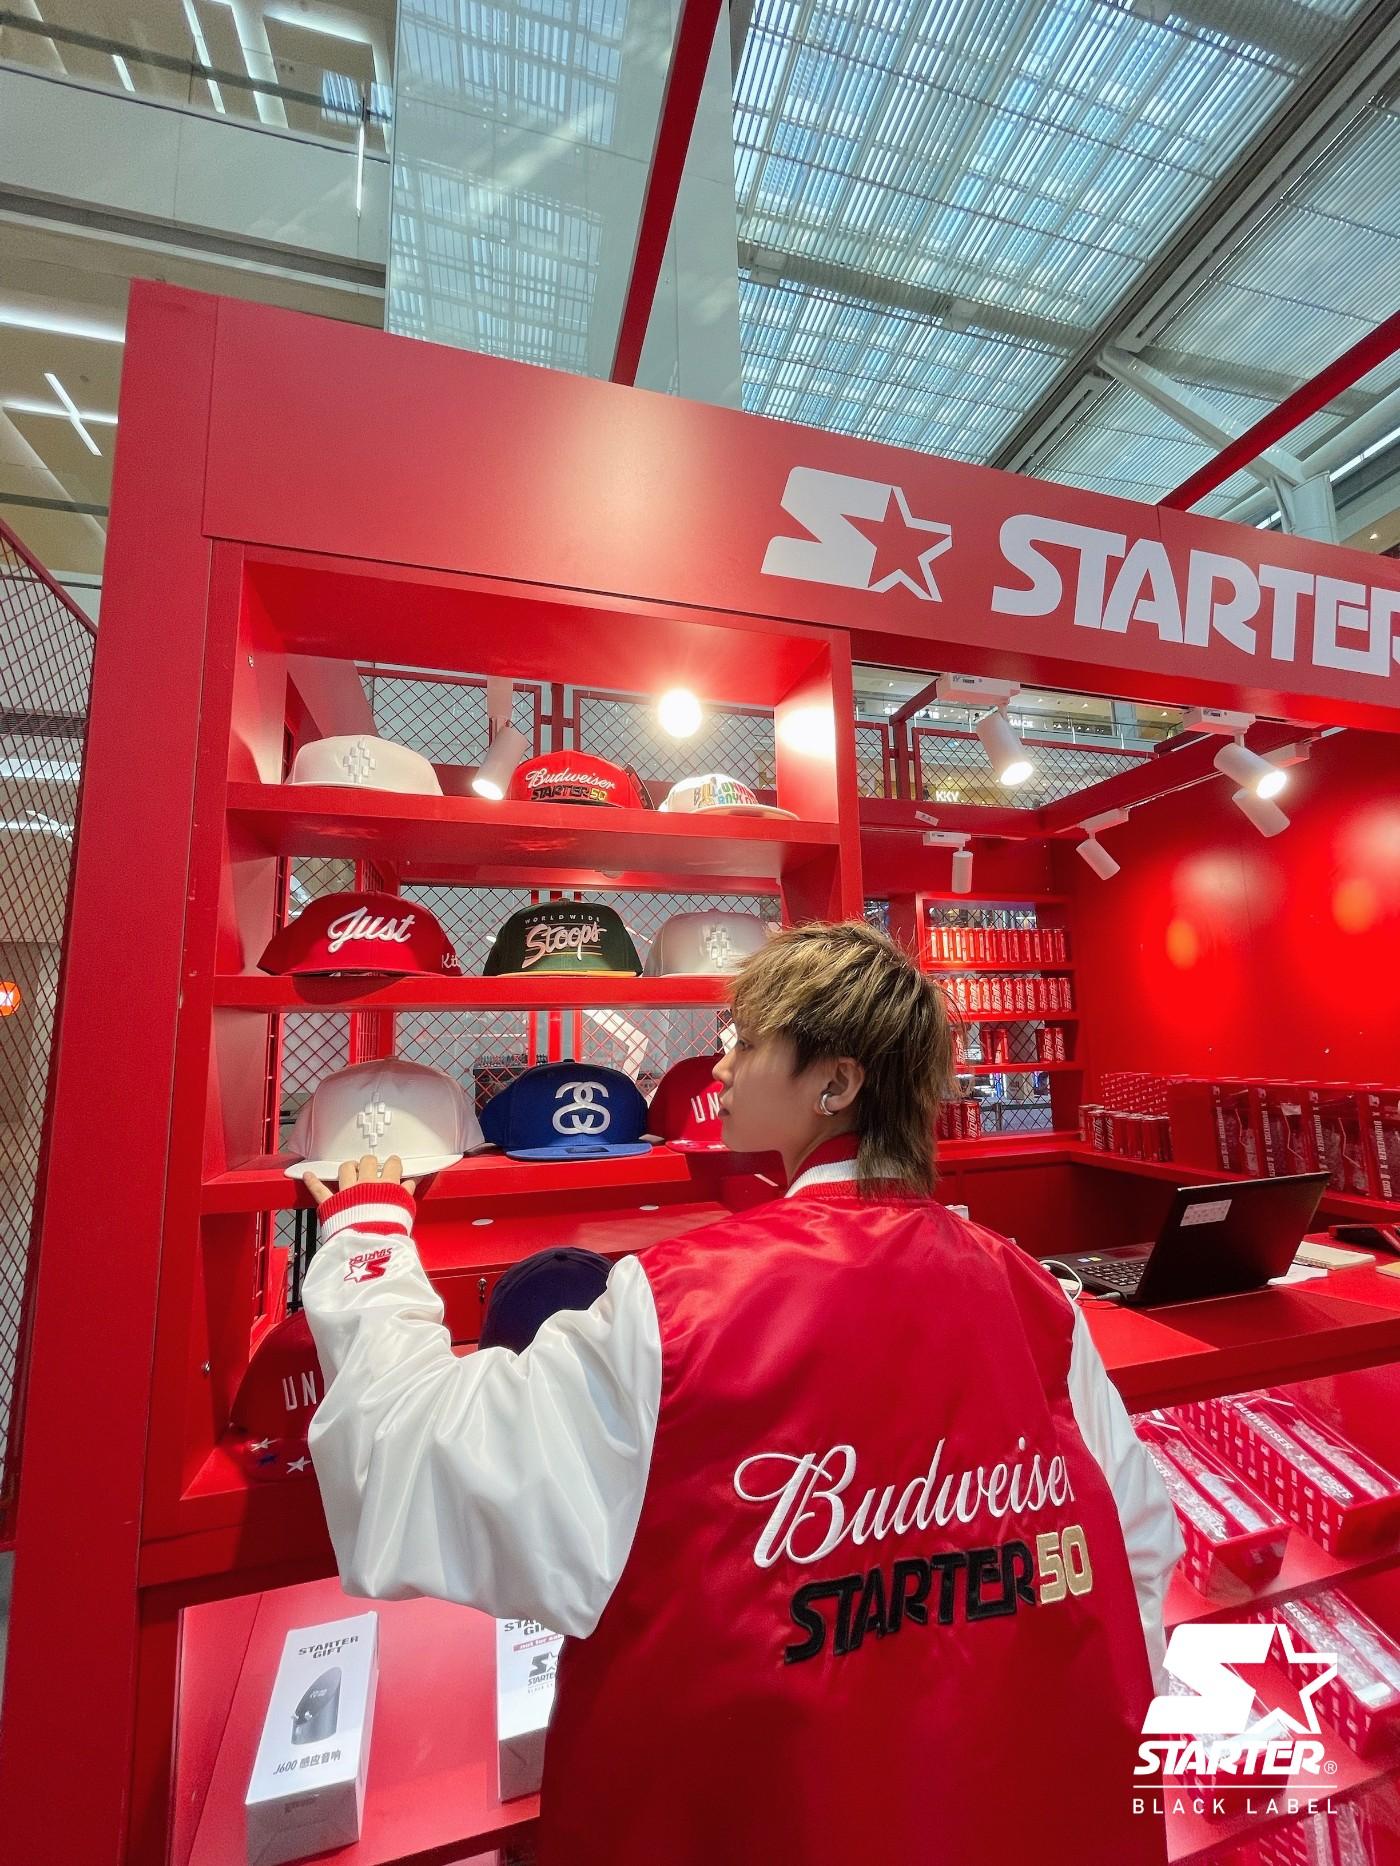 STARTER,STARTER BLACK LABEL  STARTER 快闪店率先曝光!可口可乐、百威联名全都有!